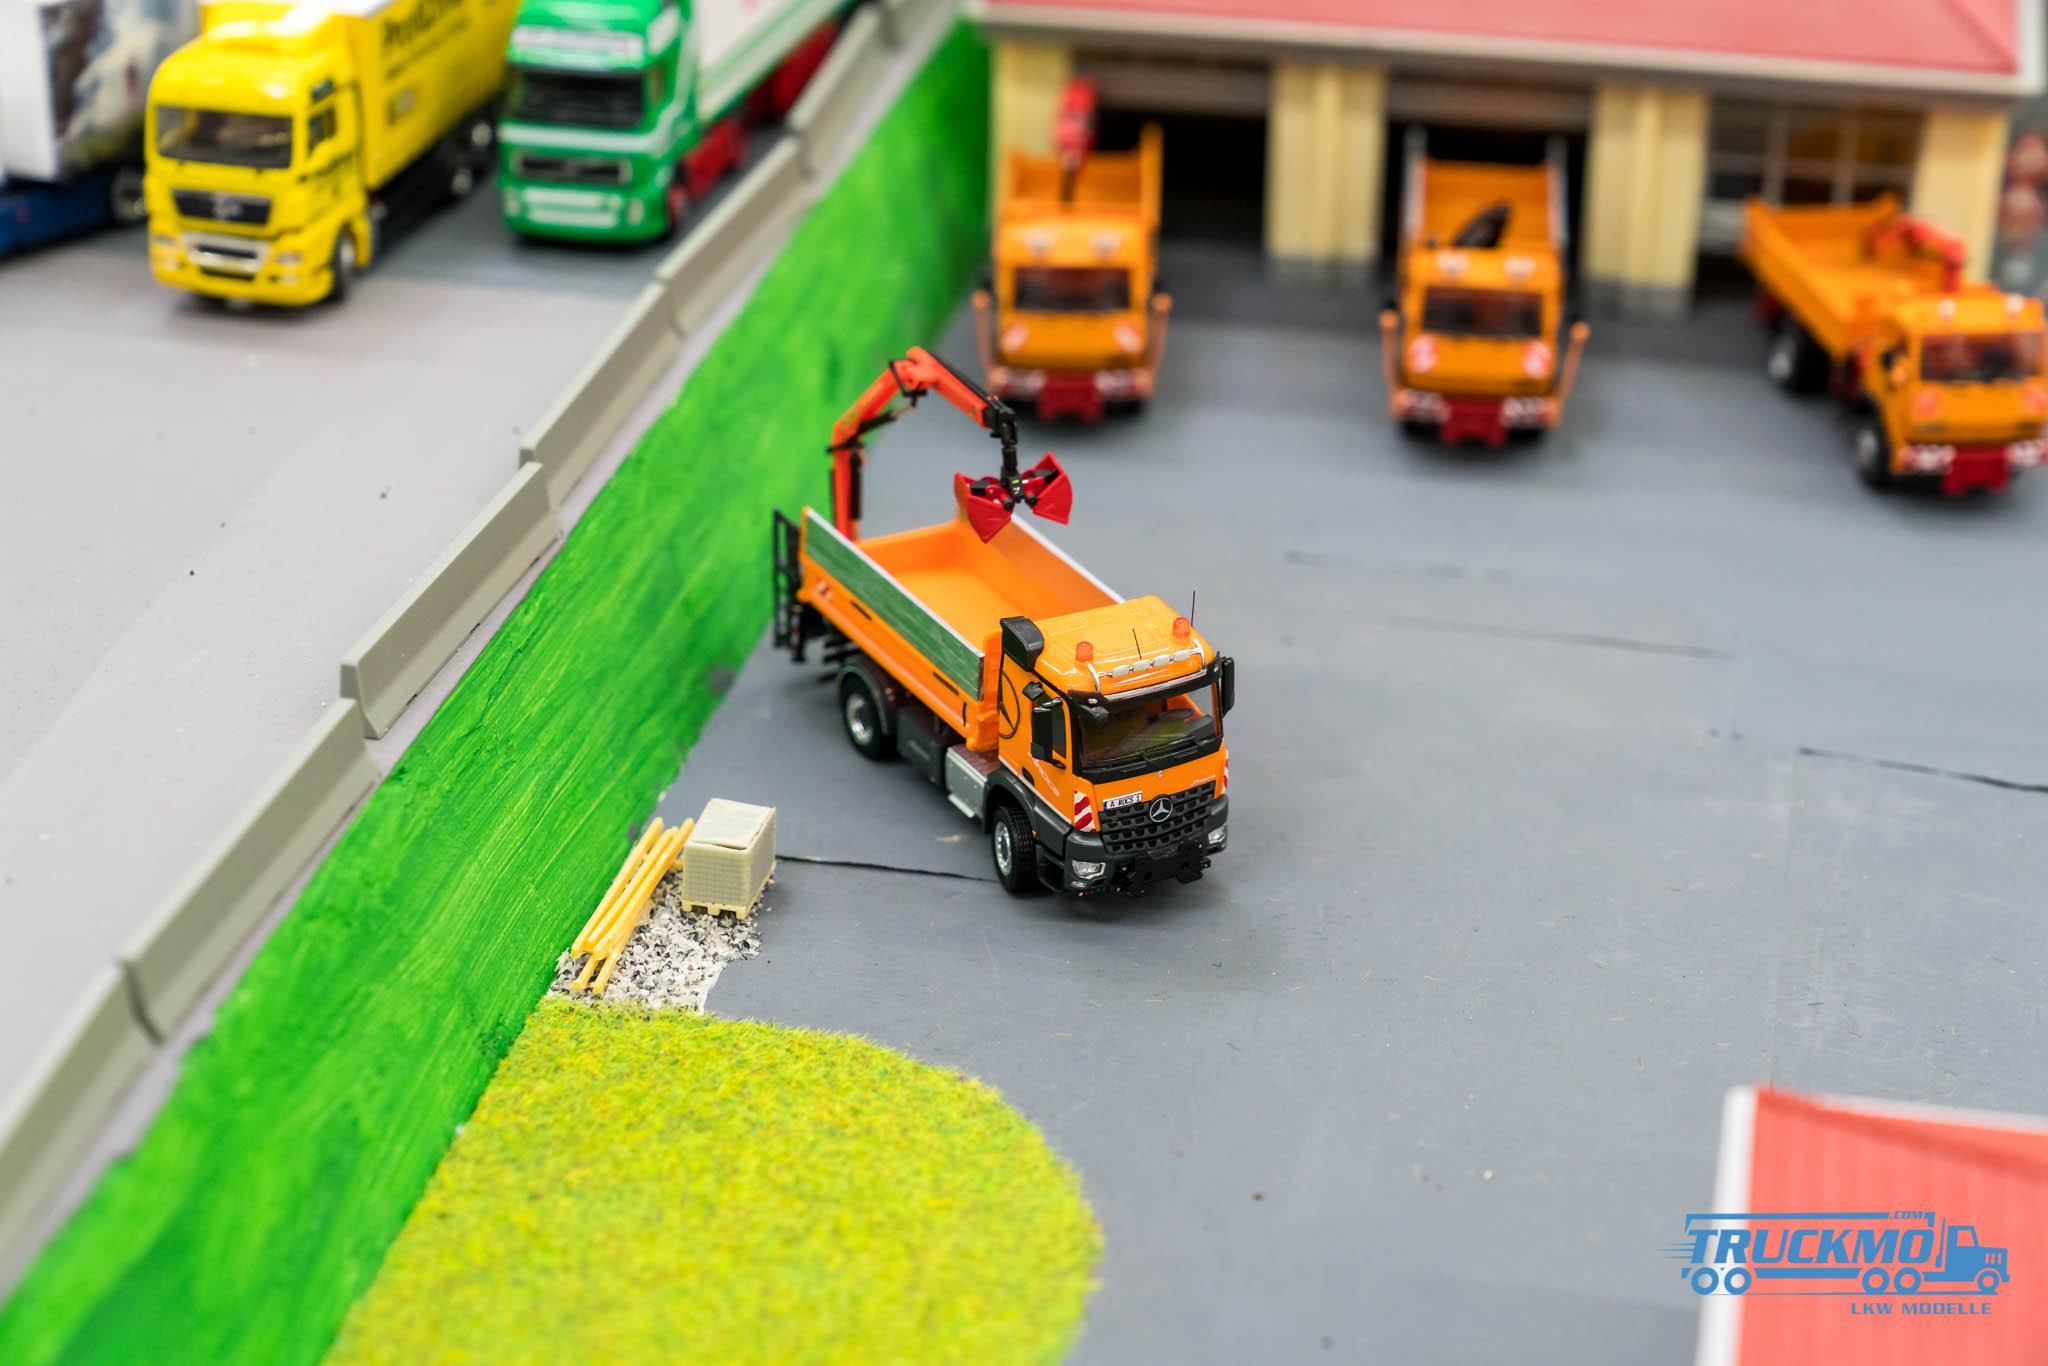 Truckmo_Modellbau_Ried_2017_Herpa_Messe_Modellbauausstellung (138 von 1177)